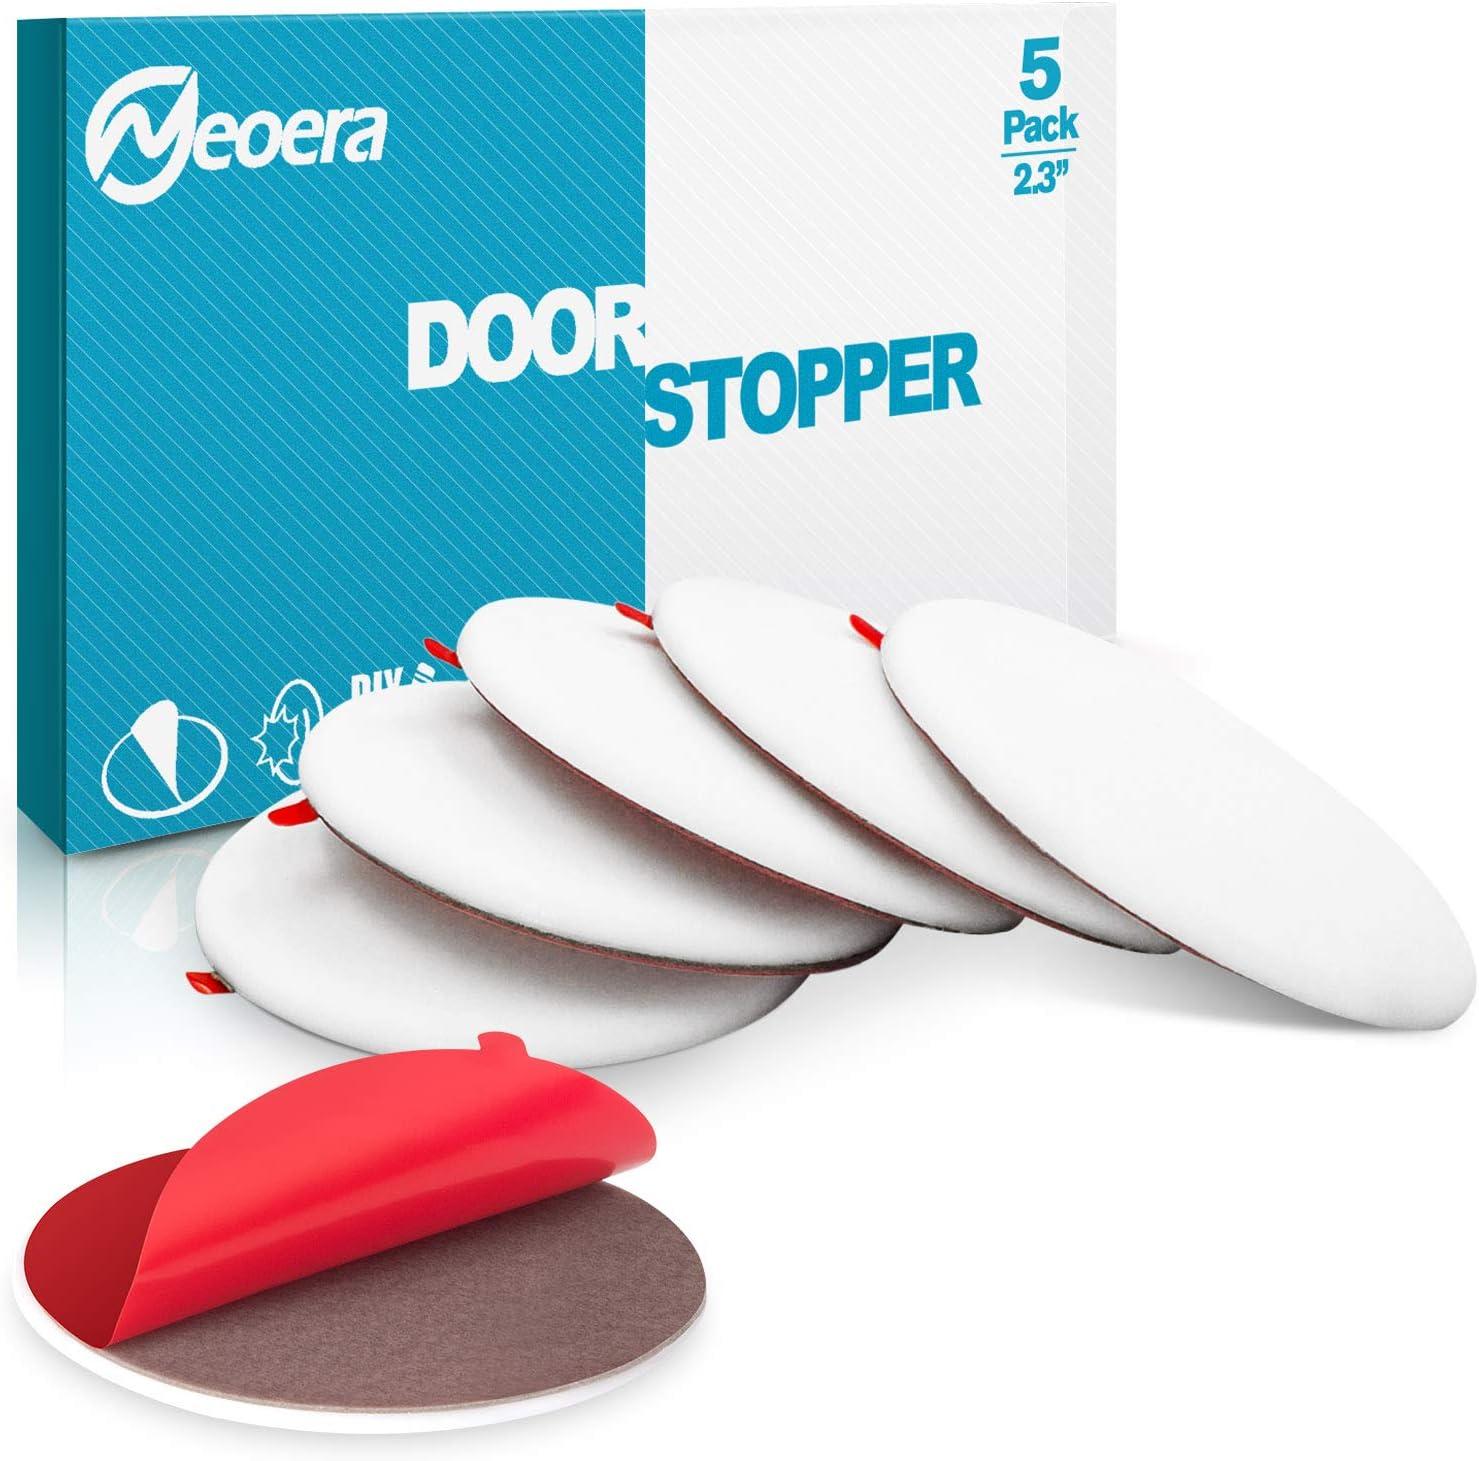 Neoera Door Stopper Wall Protector (5Pack) 2.3